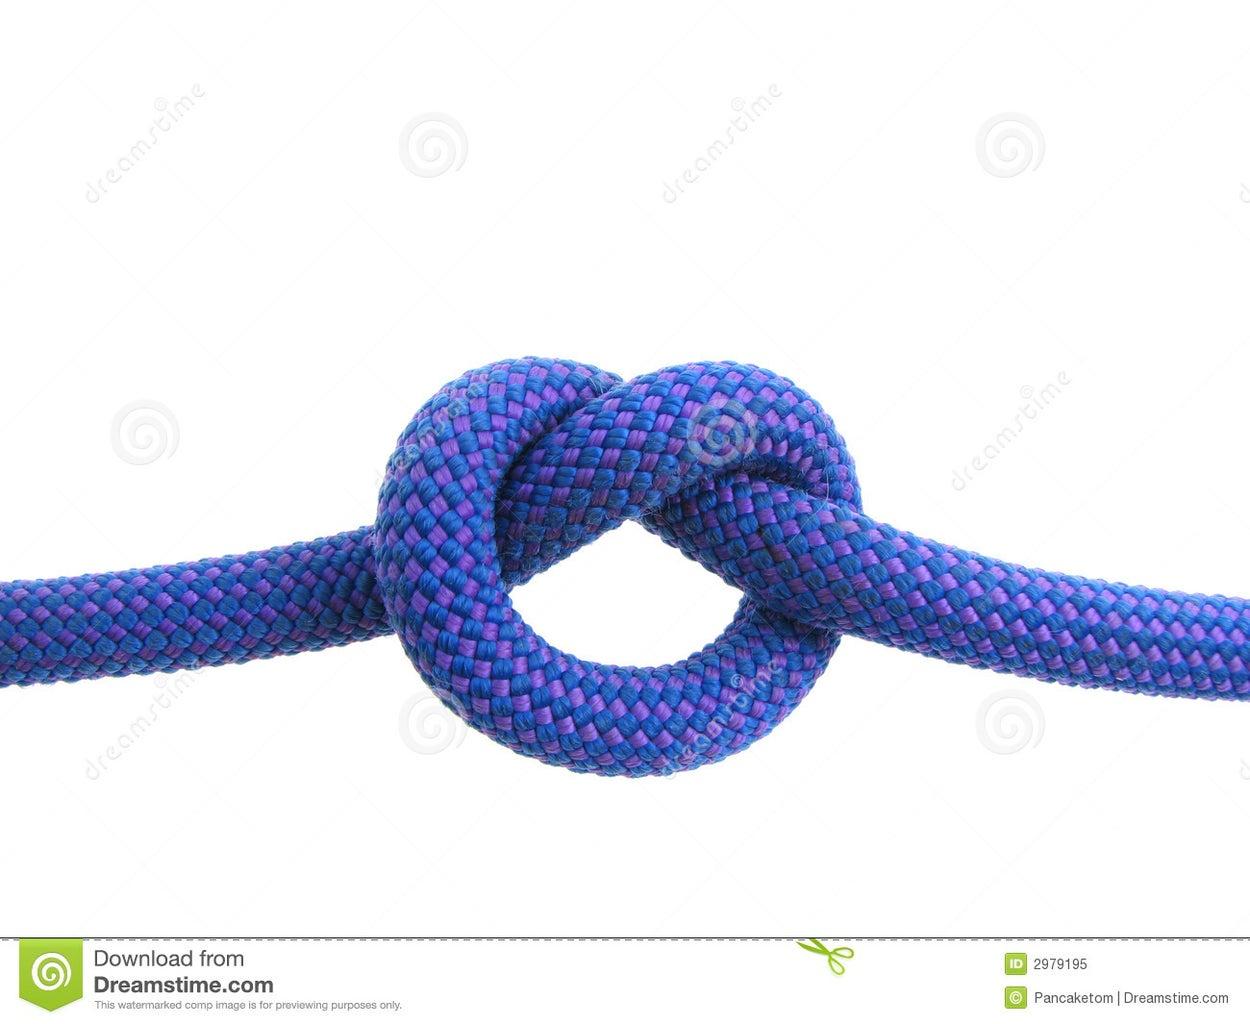 Tie the Horizontal Cords